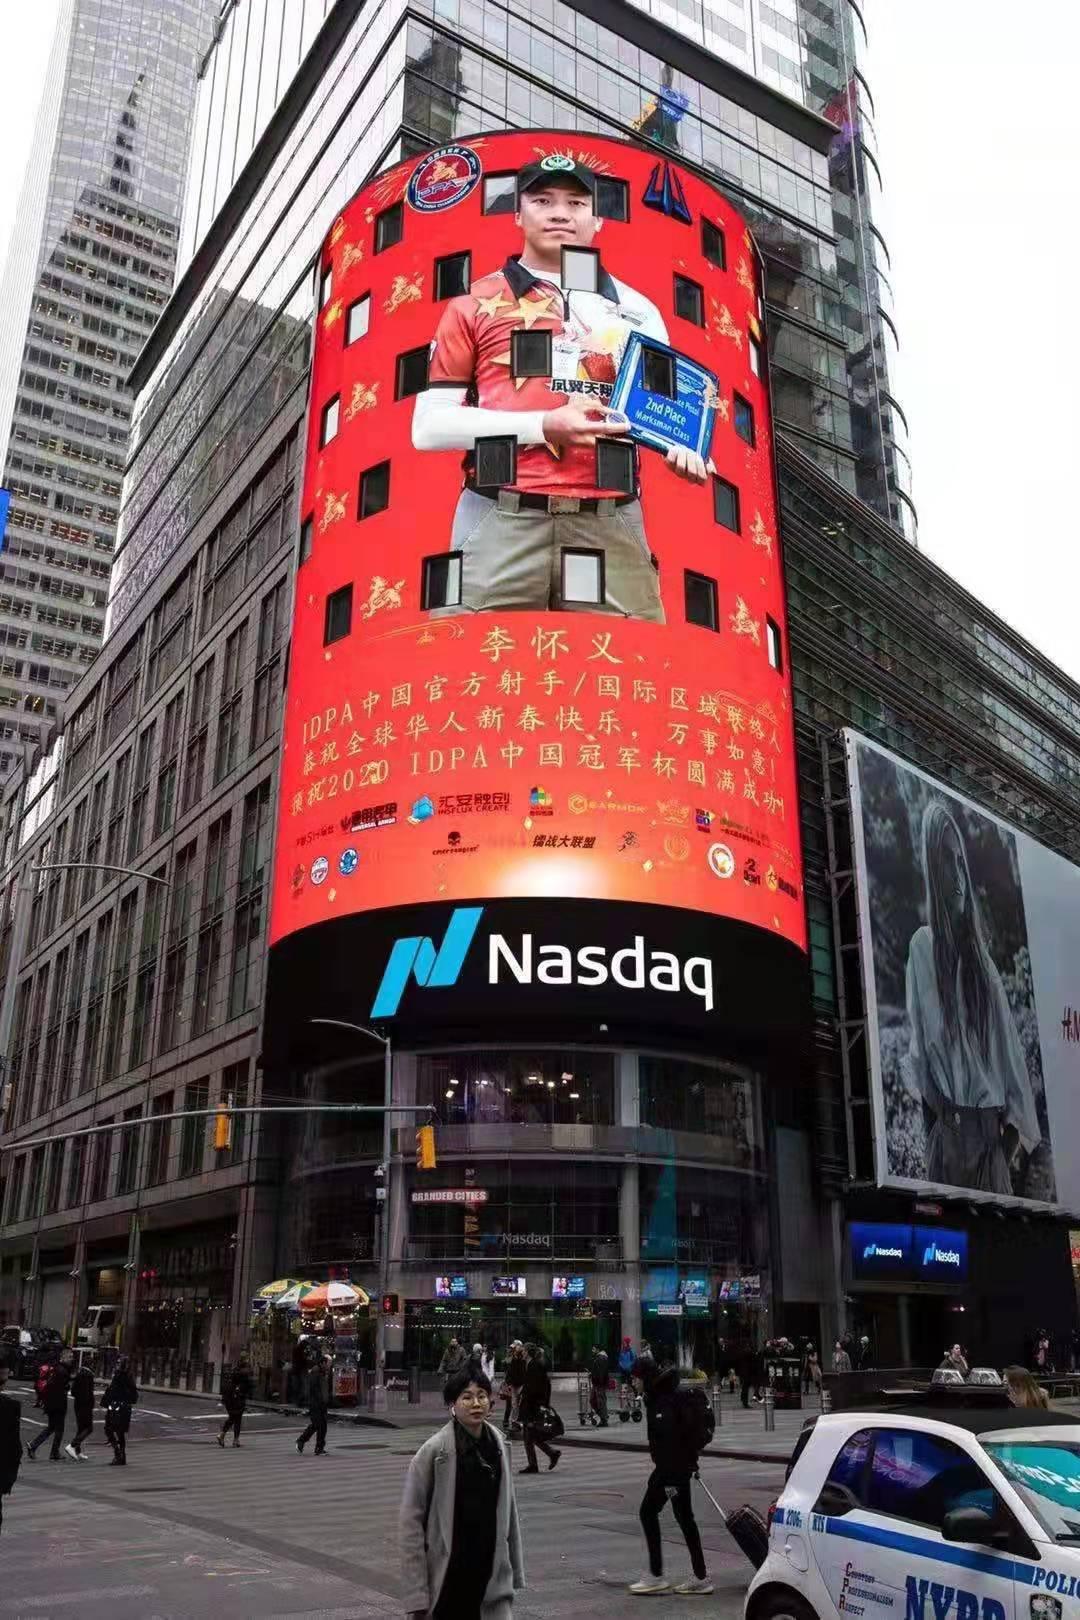 广西标鼎集团凤翼天翔公司拜年短片亮相美国纽约时代广场